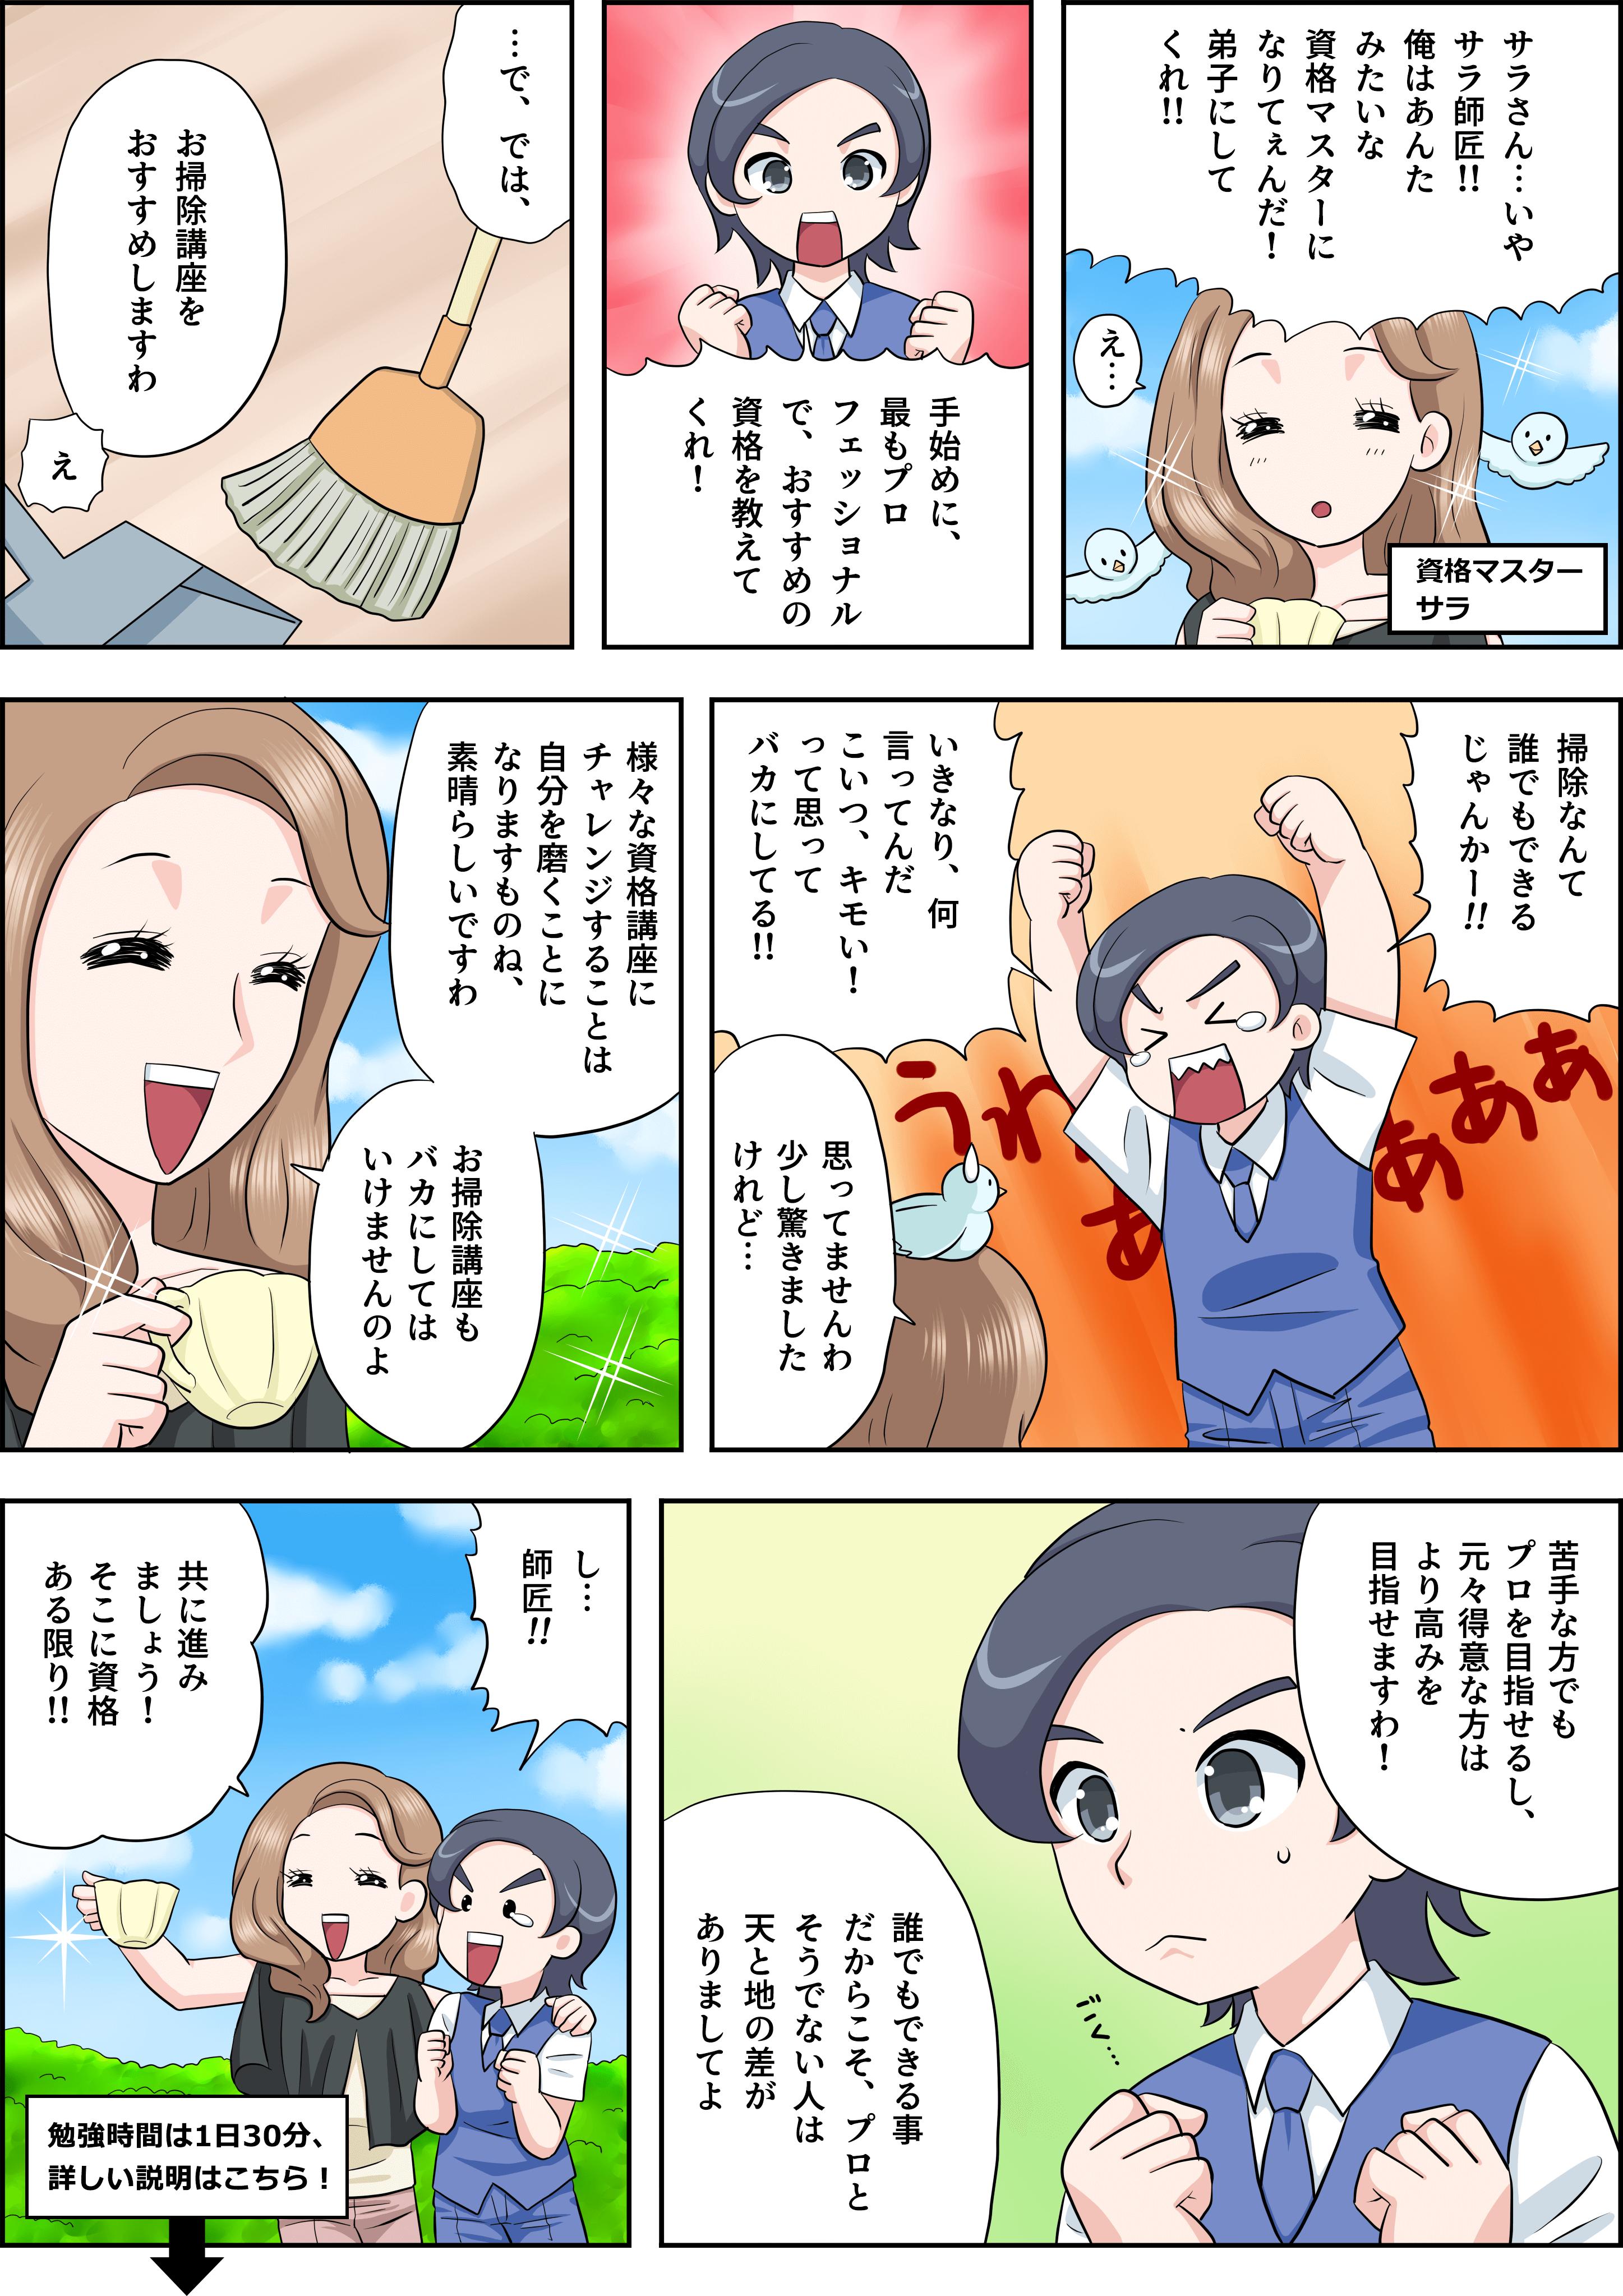 ハウスクリーニングの漫画